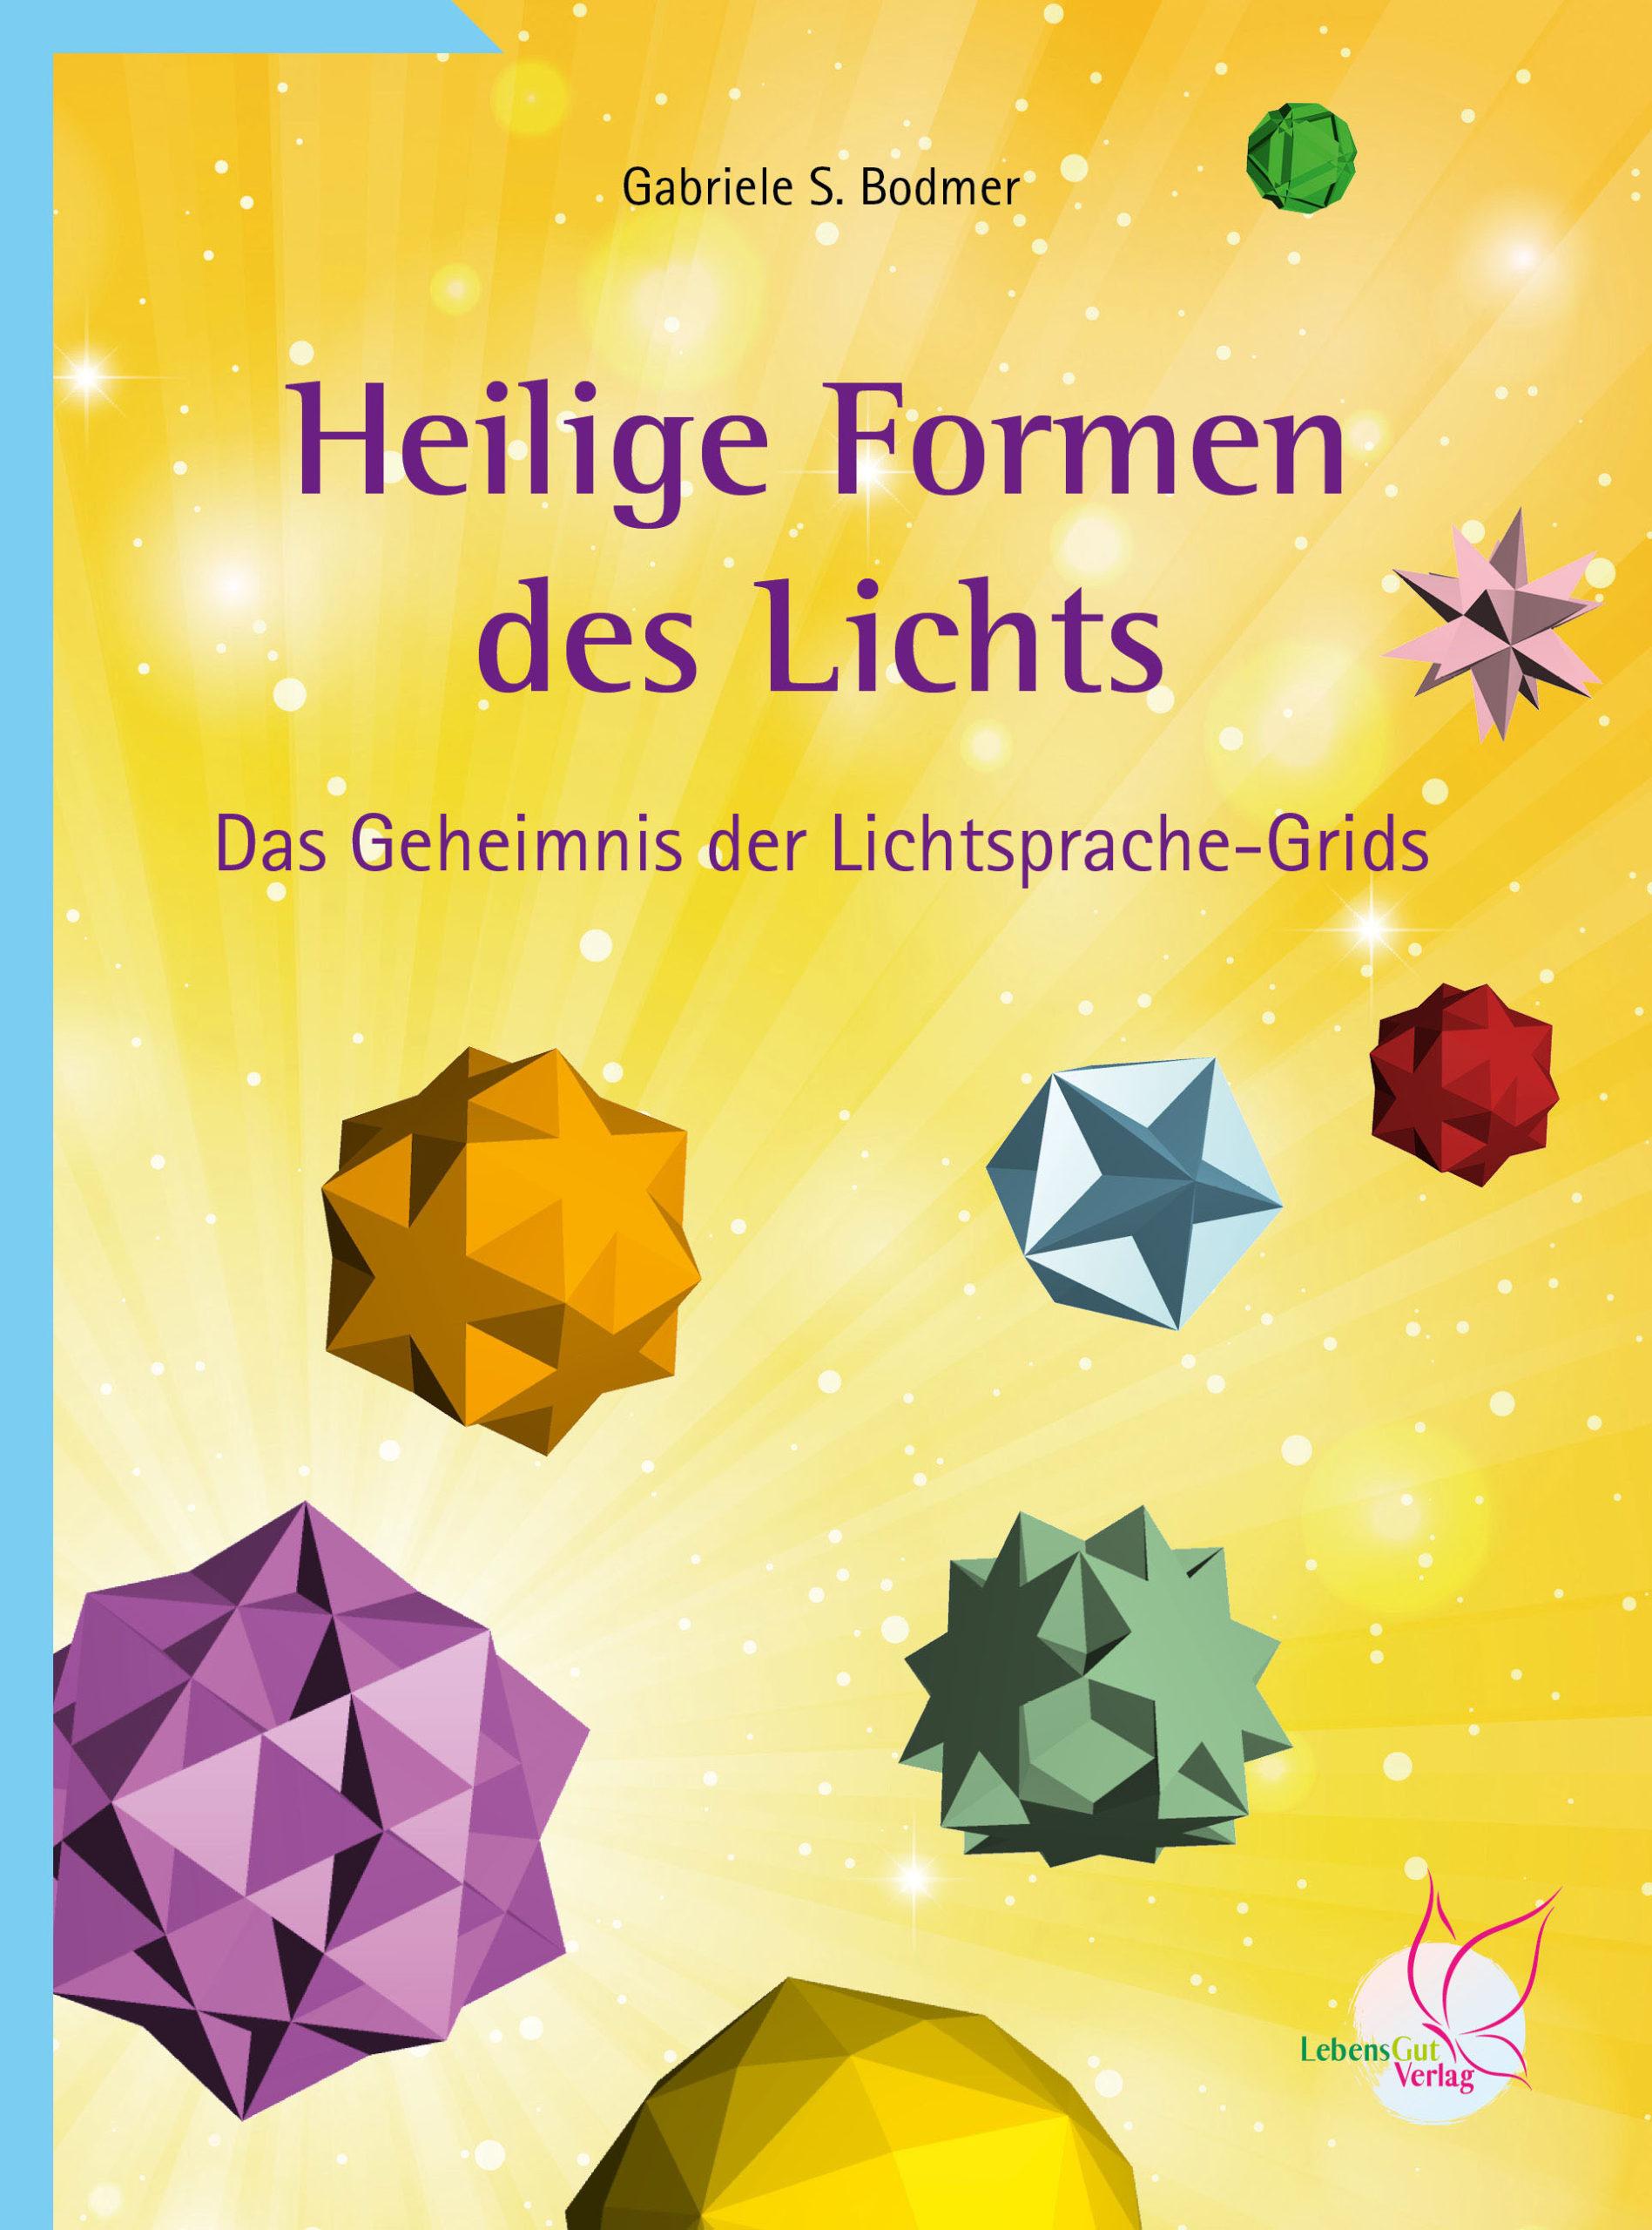 heilige formen des lichts lichtsprache gabriele s. bodmer